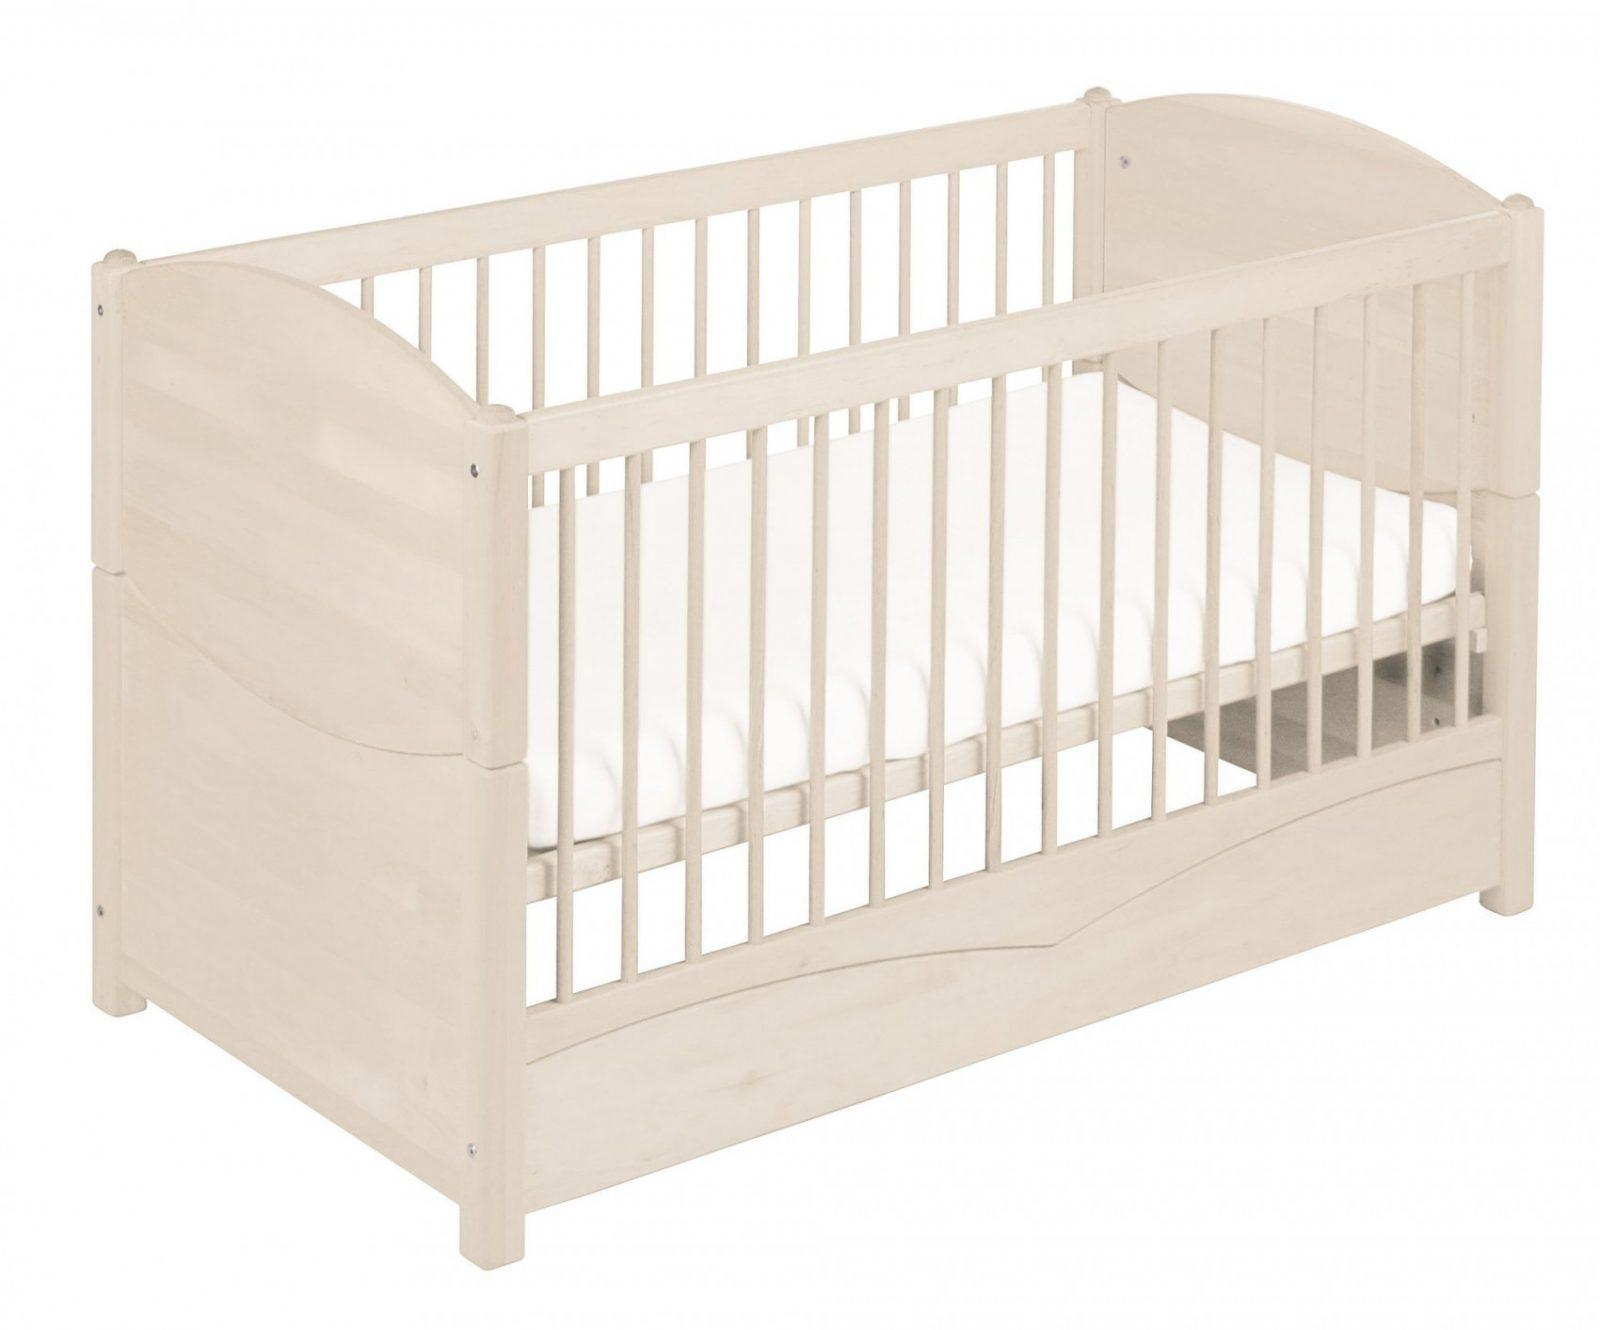 Komplettset Luca Babyzimmer Kiefer Weiß Lasiert Mit Bionik Matratze von Babyzimmer Komplett Mit Matratze Bild